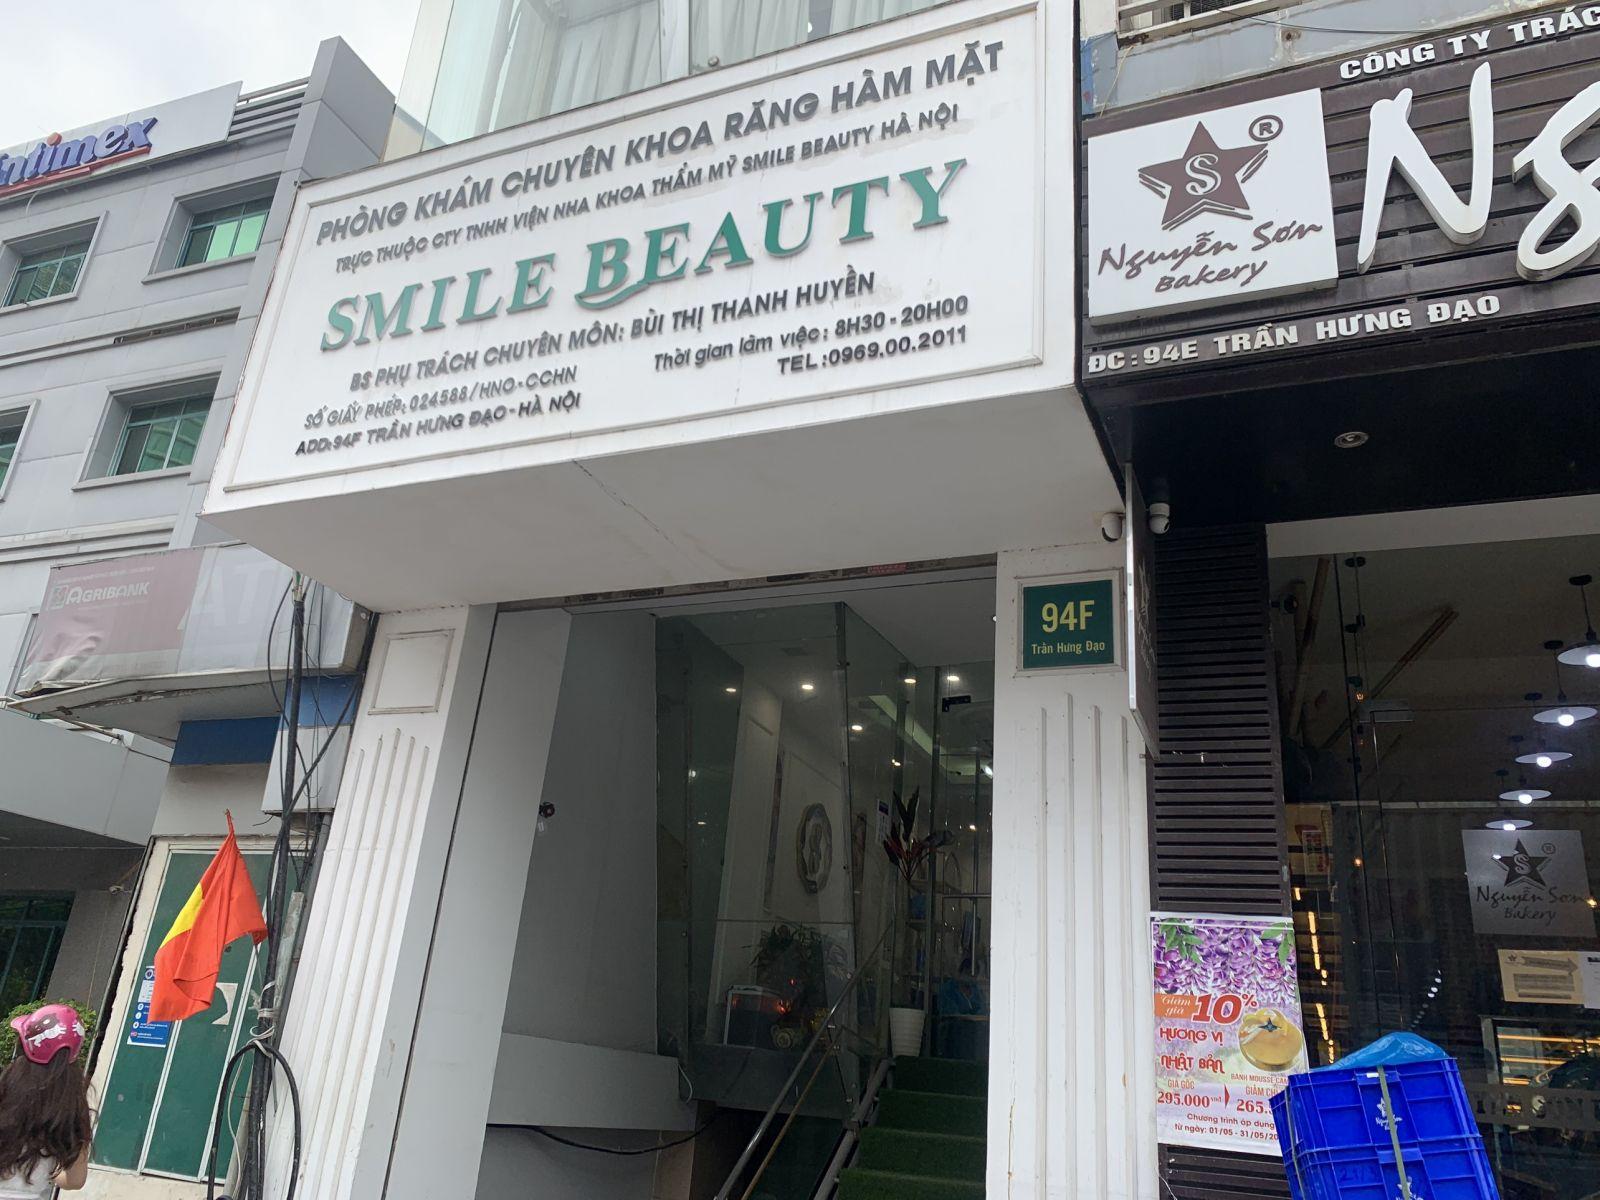 Hà Nội: Phòng khám Nha khoa Smile Beauty (94F Trần Hưng Đạo) vi phạm nhiều quy trình khám, điều trị?